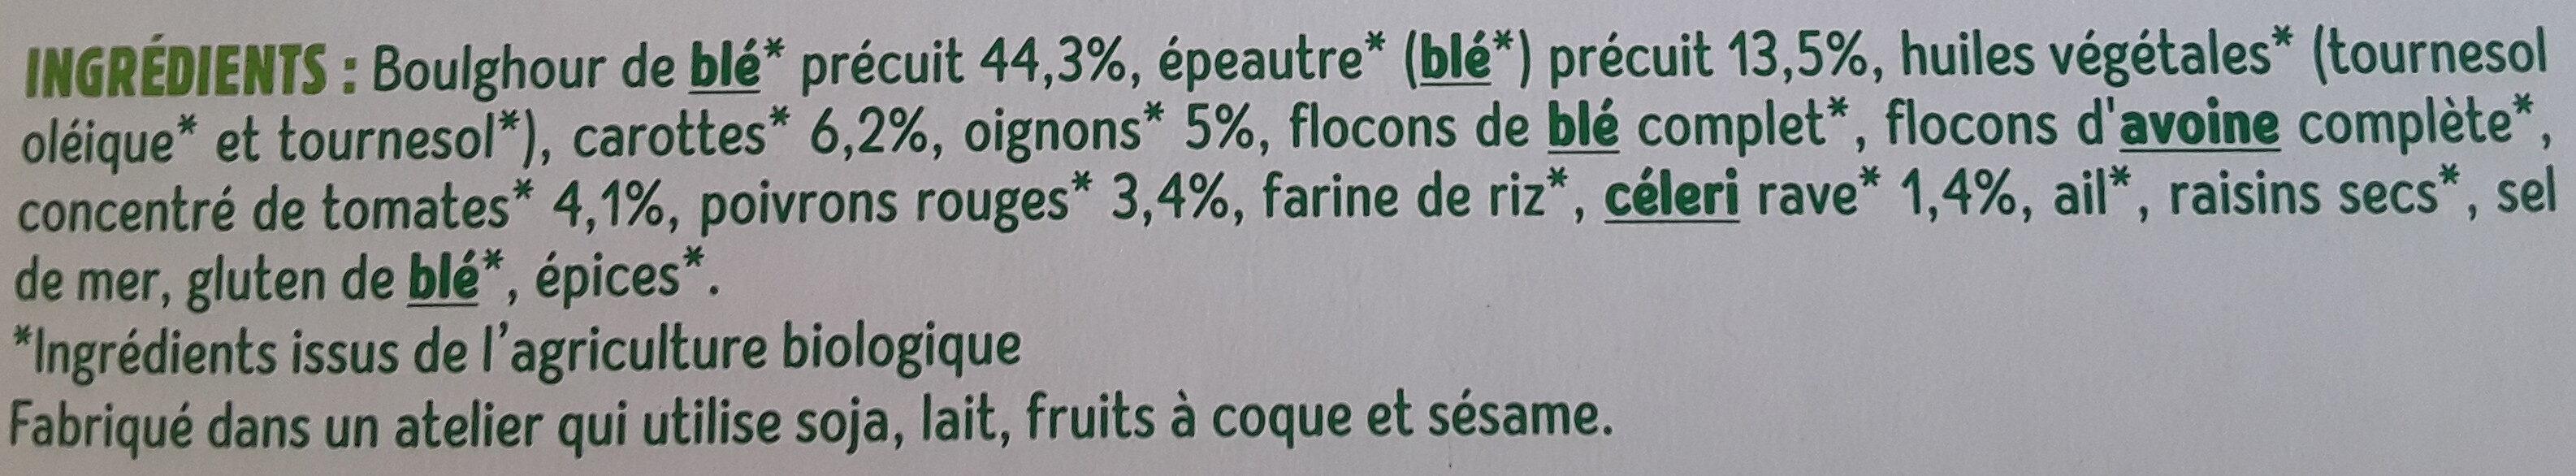 Galettes Boulghour et Épeautre aux petits légumes - 成分 - fr